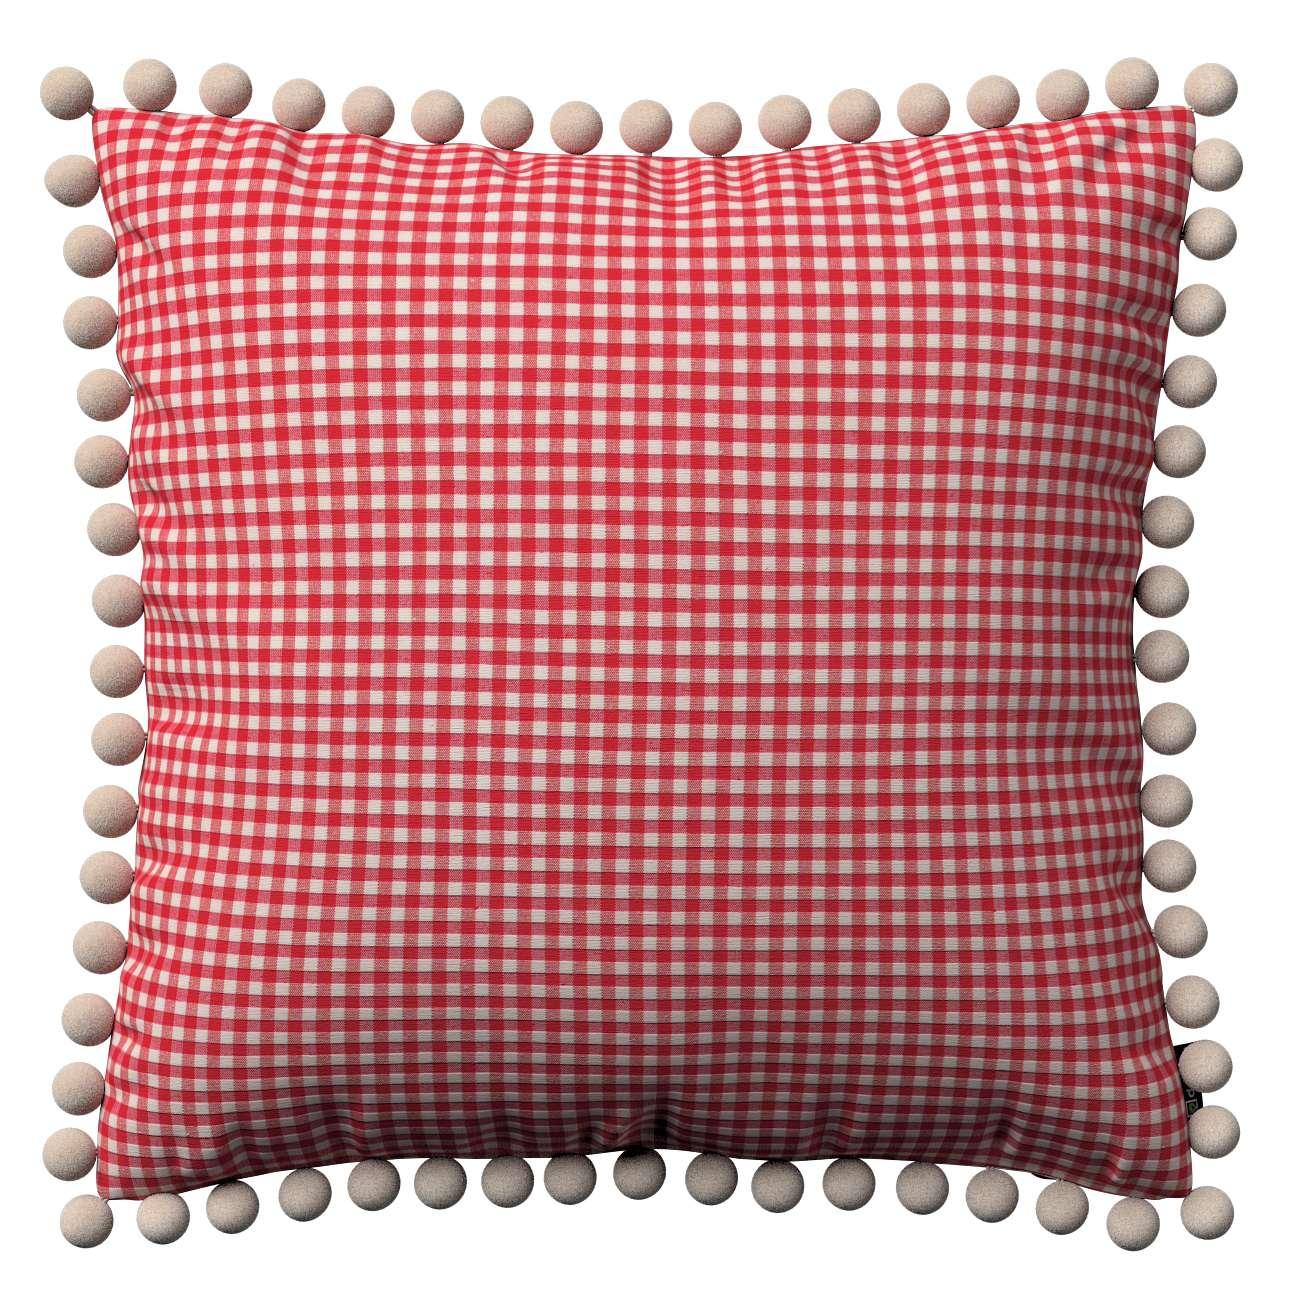 Wera dekoratyvinės pagalvėlės užvalkalas su žaismingais kraštais 45 x 45 cm kolekcijoje Quadro, audinys: 136-15